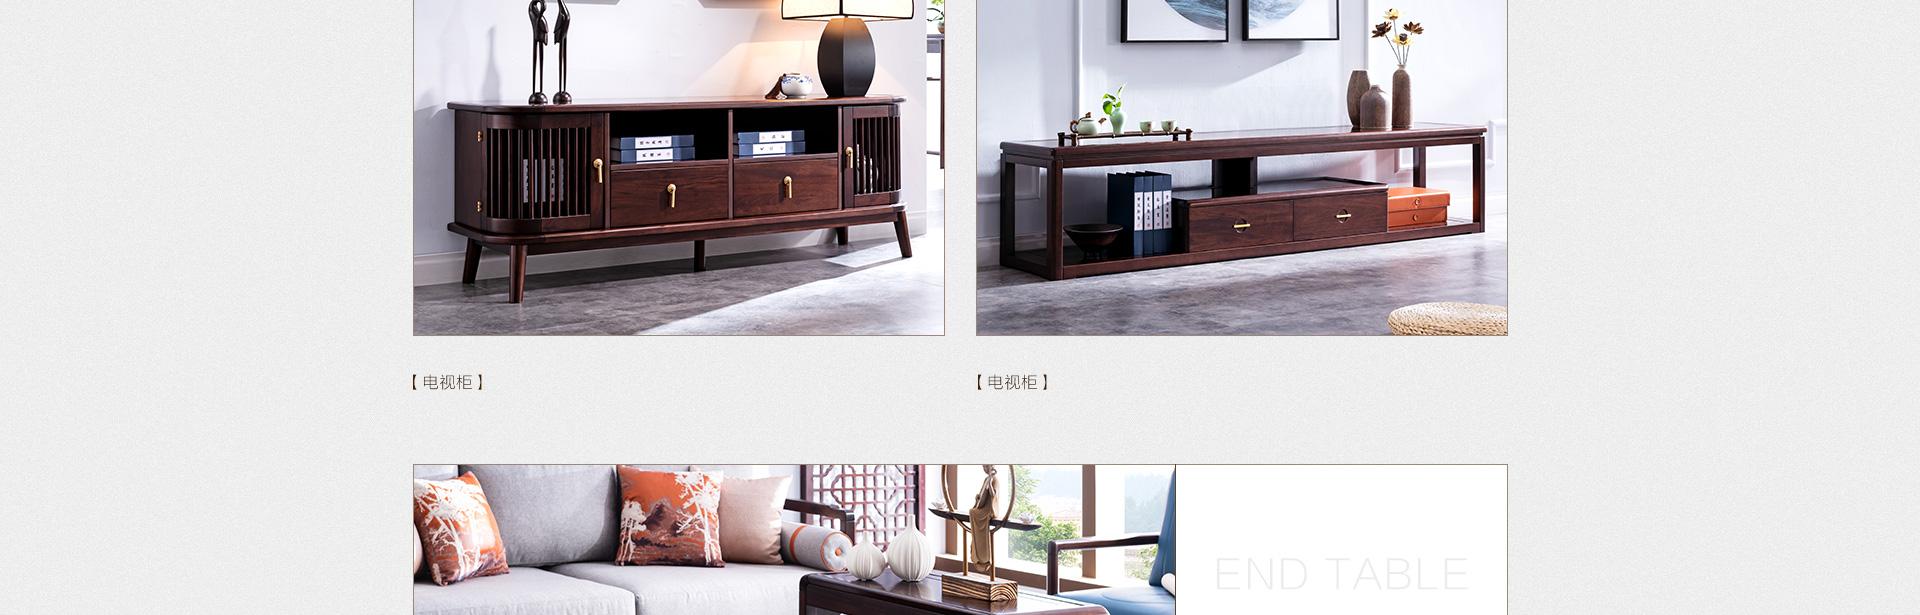 稀世阁系列家具